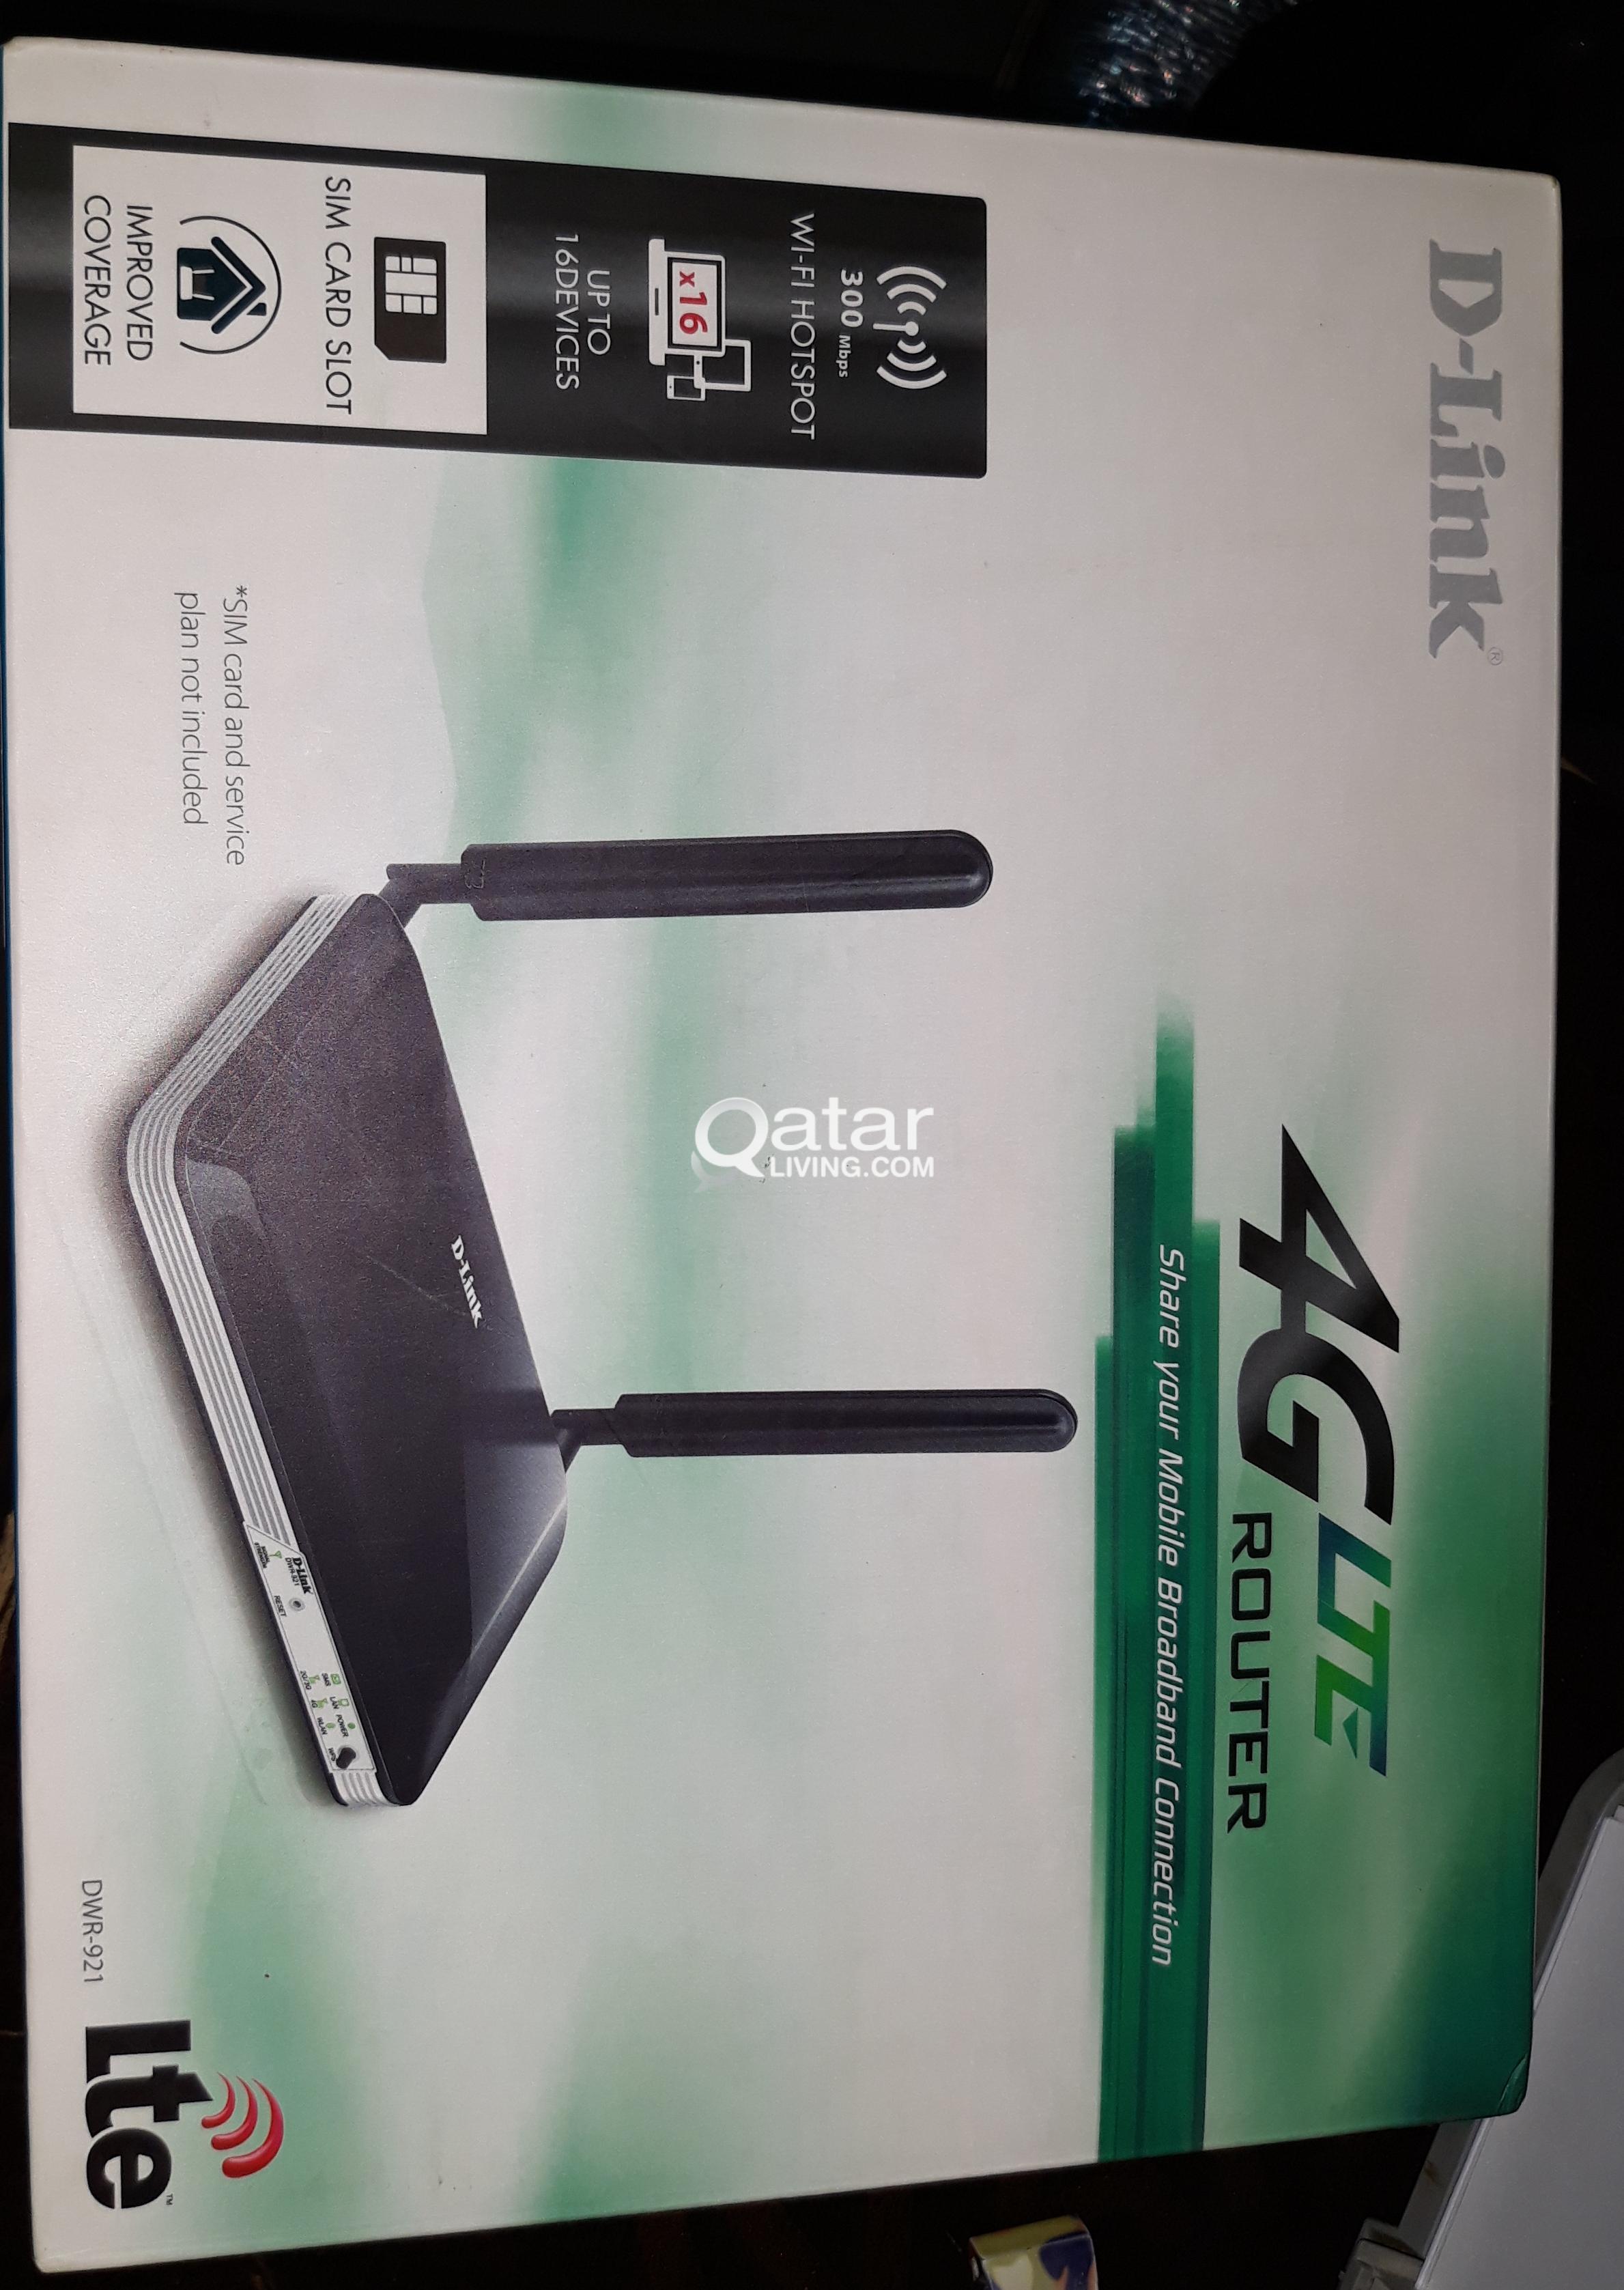 Ooredoo NETGEAR 4G+ (MYFI) & D-Link Router DWR-921 | Qatar Living